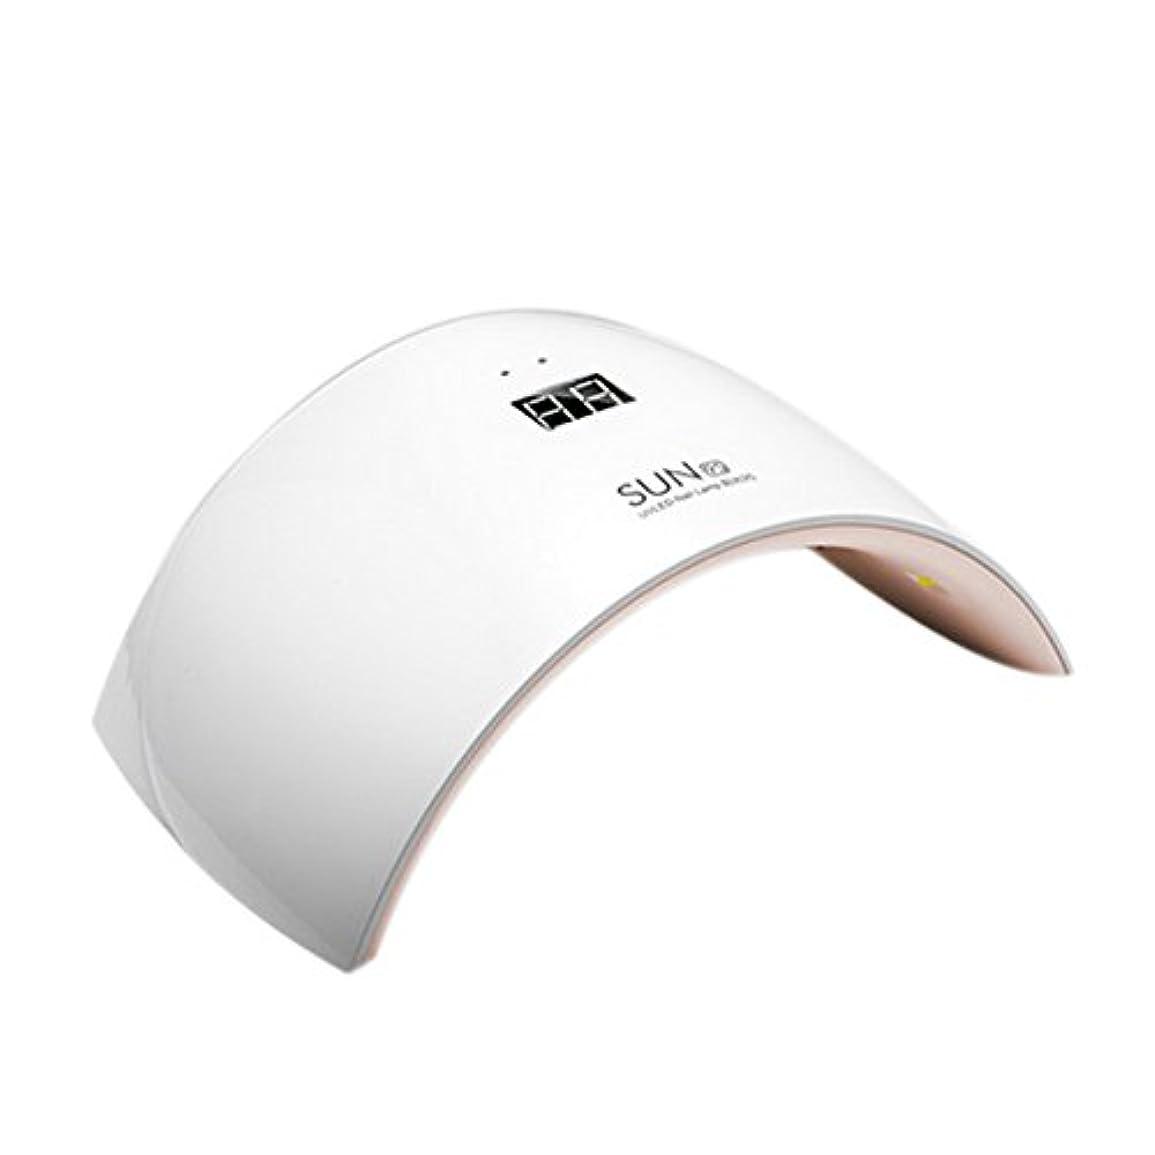 均等に仕立て屋無Symboat ネイルアートツール 24W ネイルドライヤー ライト付き ボトム液晶 ディスプレイ 硬化用UVライト led ランプ爪トゥール ネイルジェル ベース ポリッシュ 4段階タイマー設定時間設定10S/30S/...